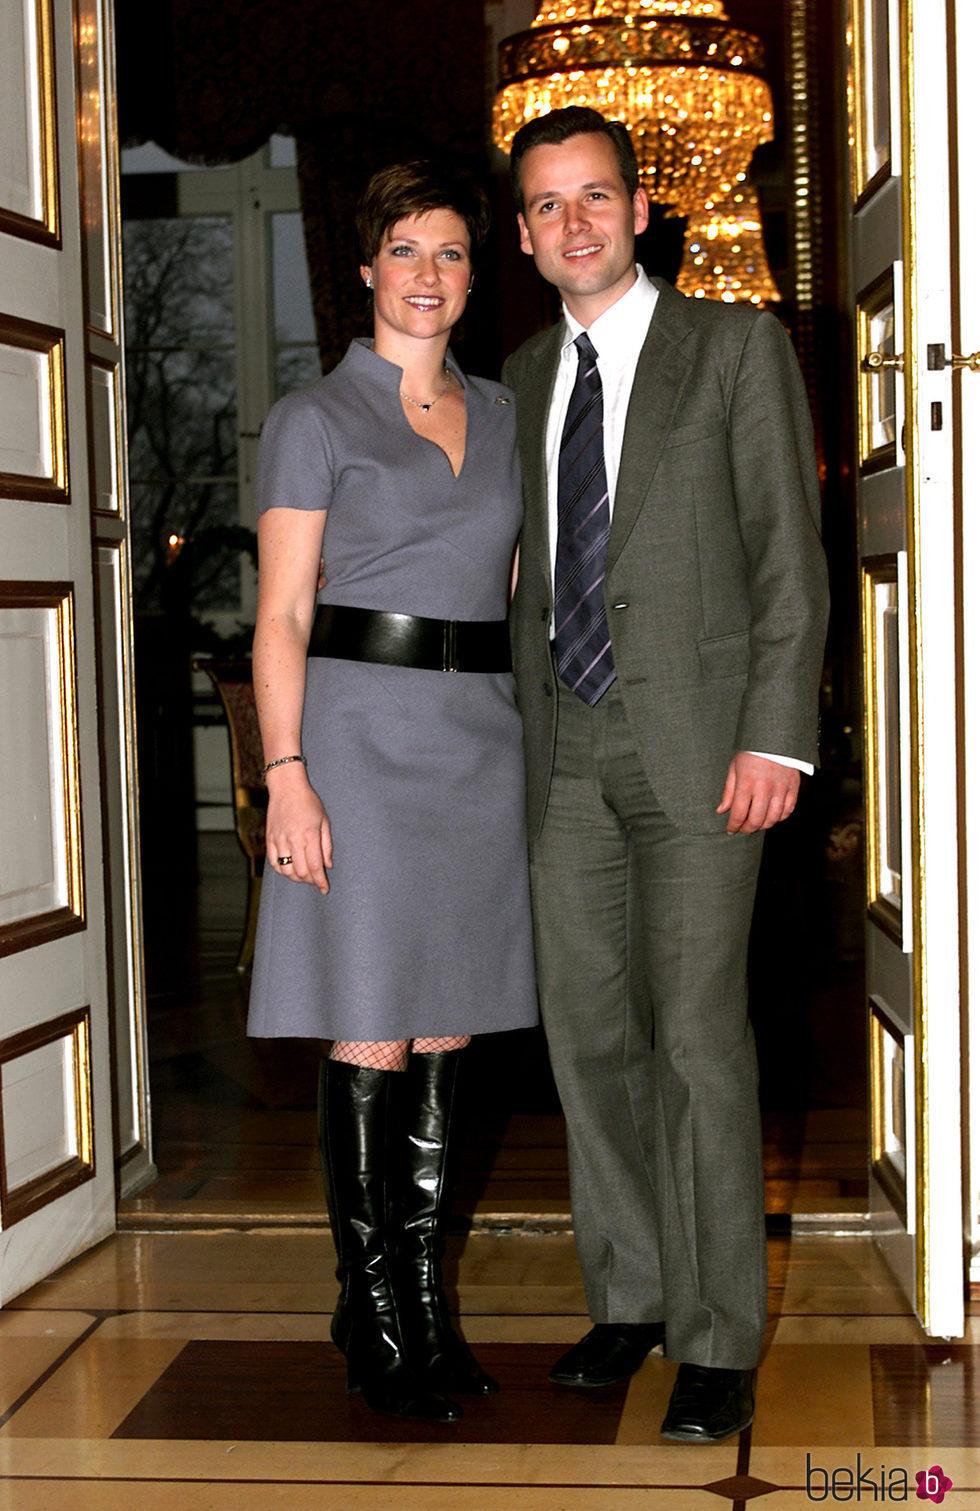 Marta Luisa de Noruega y Ari Behn en el anuncio de su compromiso  La Familia Real Noruega en imgenes  Foto en Bekia Actualidad